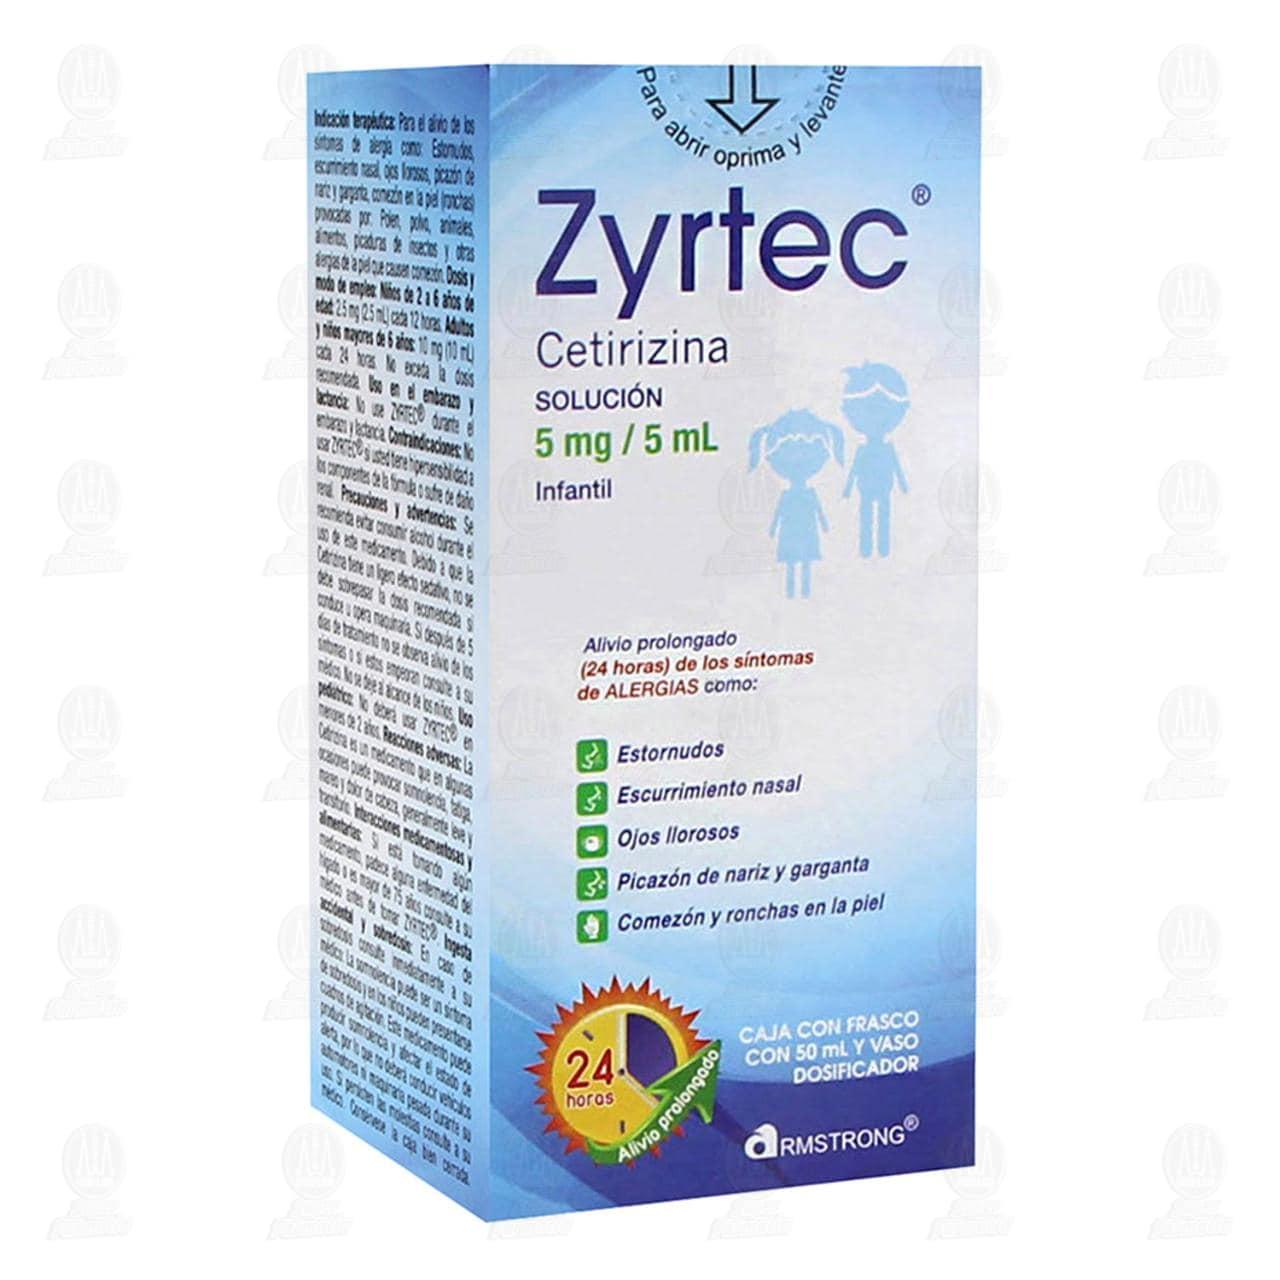 comprar https://www.movil.farmaciasguadalajara.com/wcsstore/FGCAS/wcs/products/19003_A_1280_AL.jpg en farmacias guadalajara